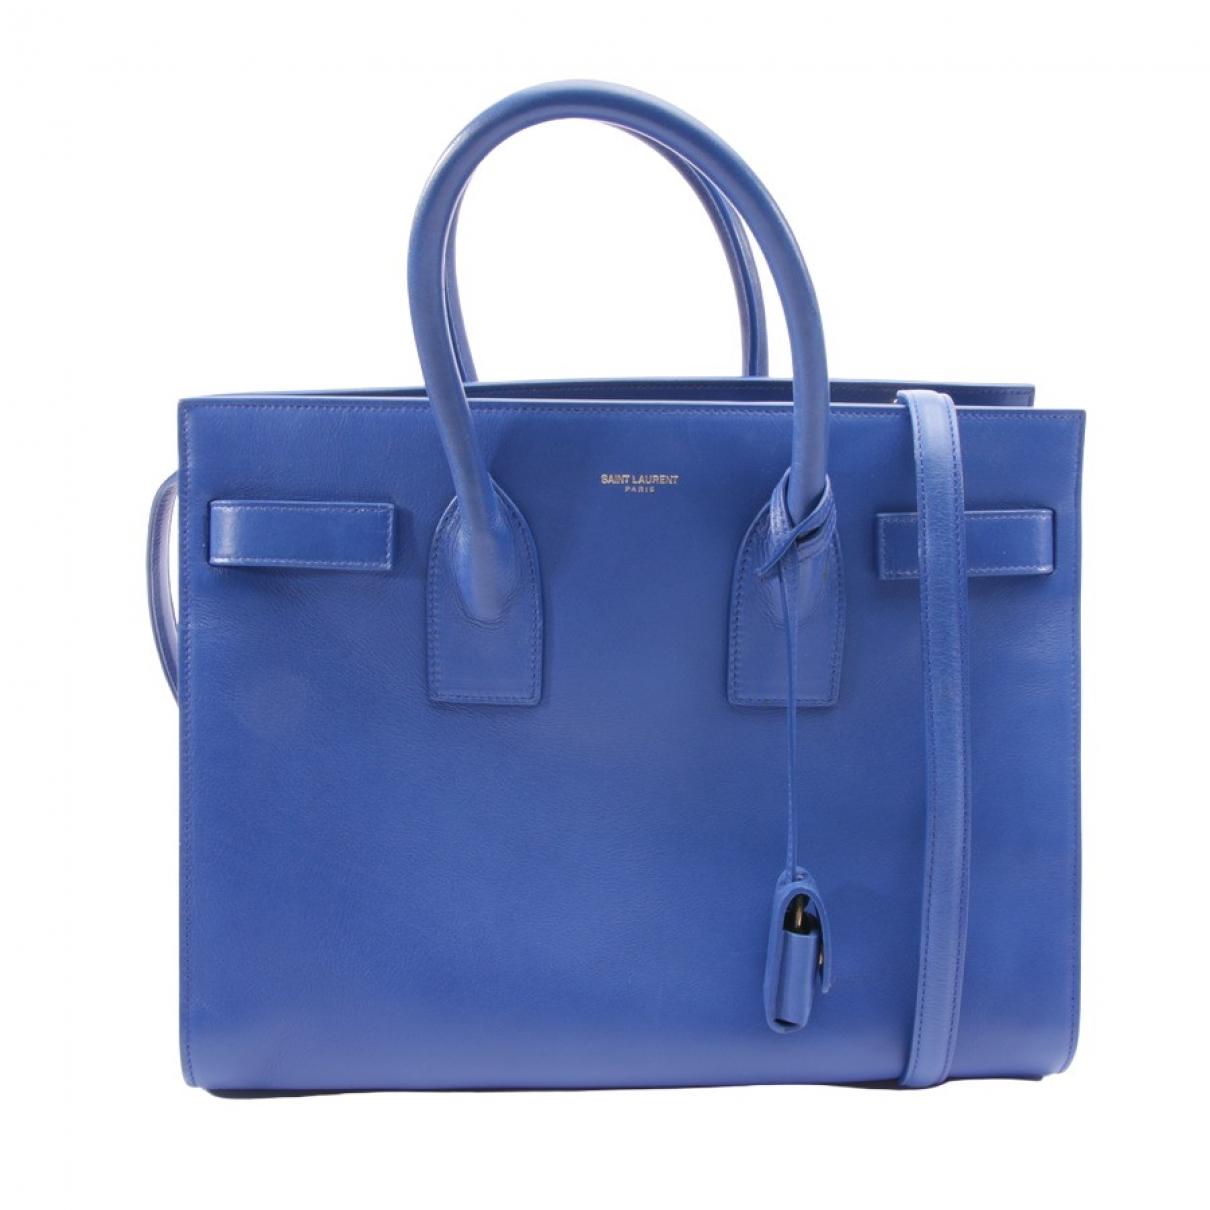 Saint Laurent Sac de Jour Blue Leather handbag for Women \N